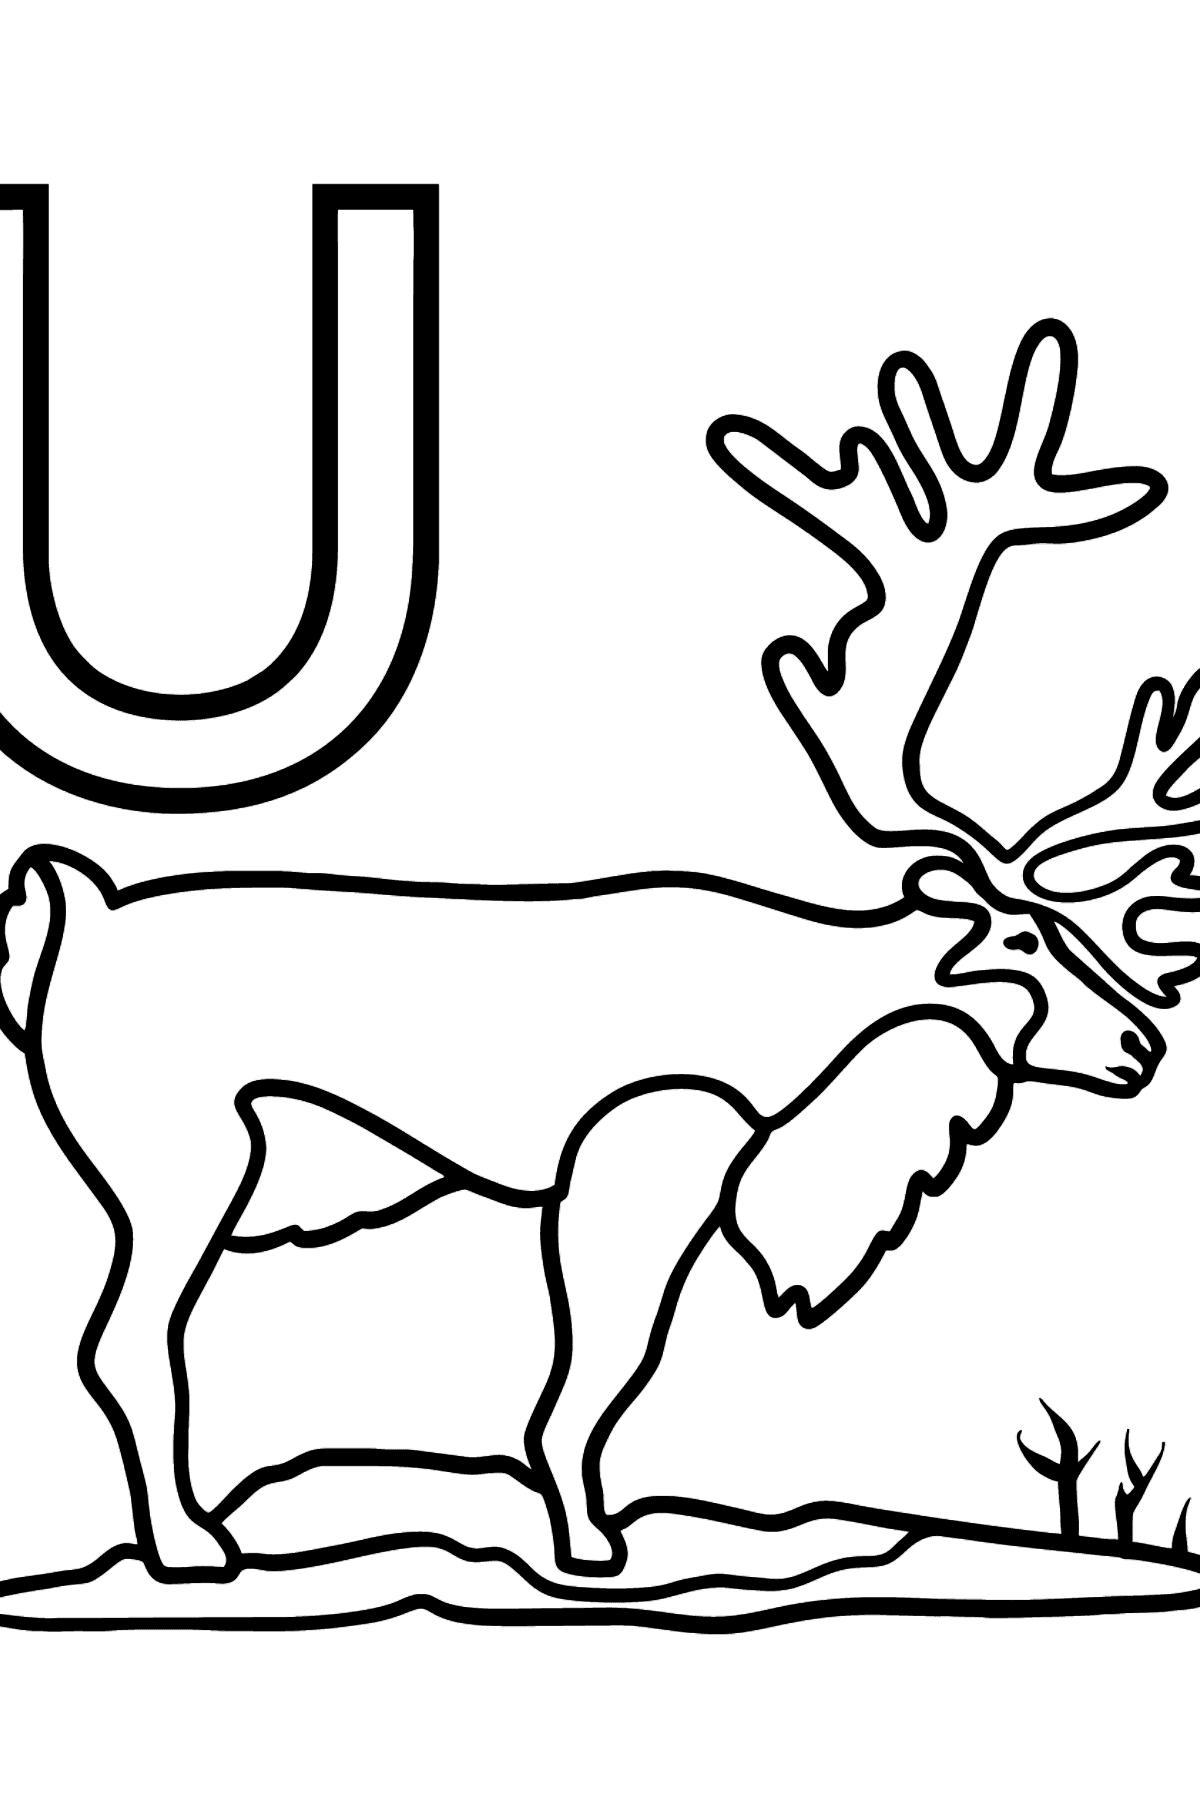 Раскраска буквы U испанского алфавита - UAPITI - Картинки для Детей